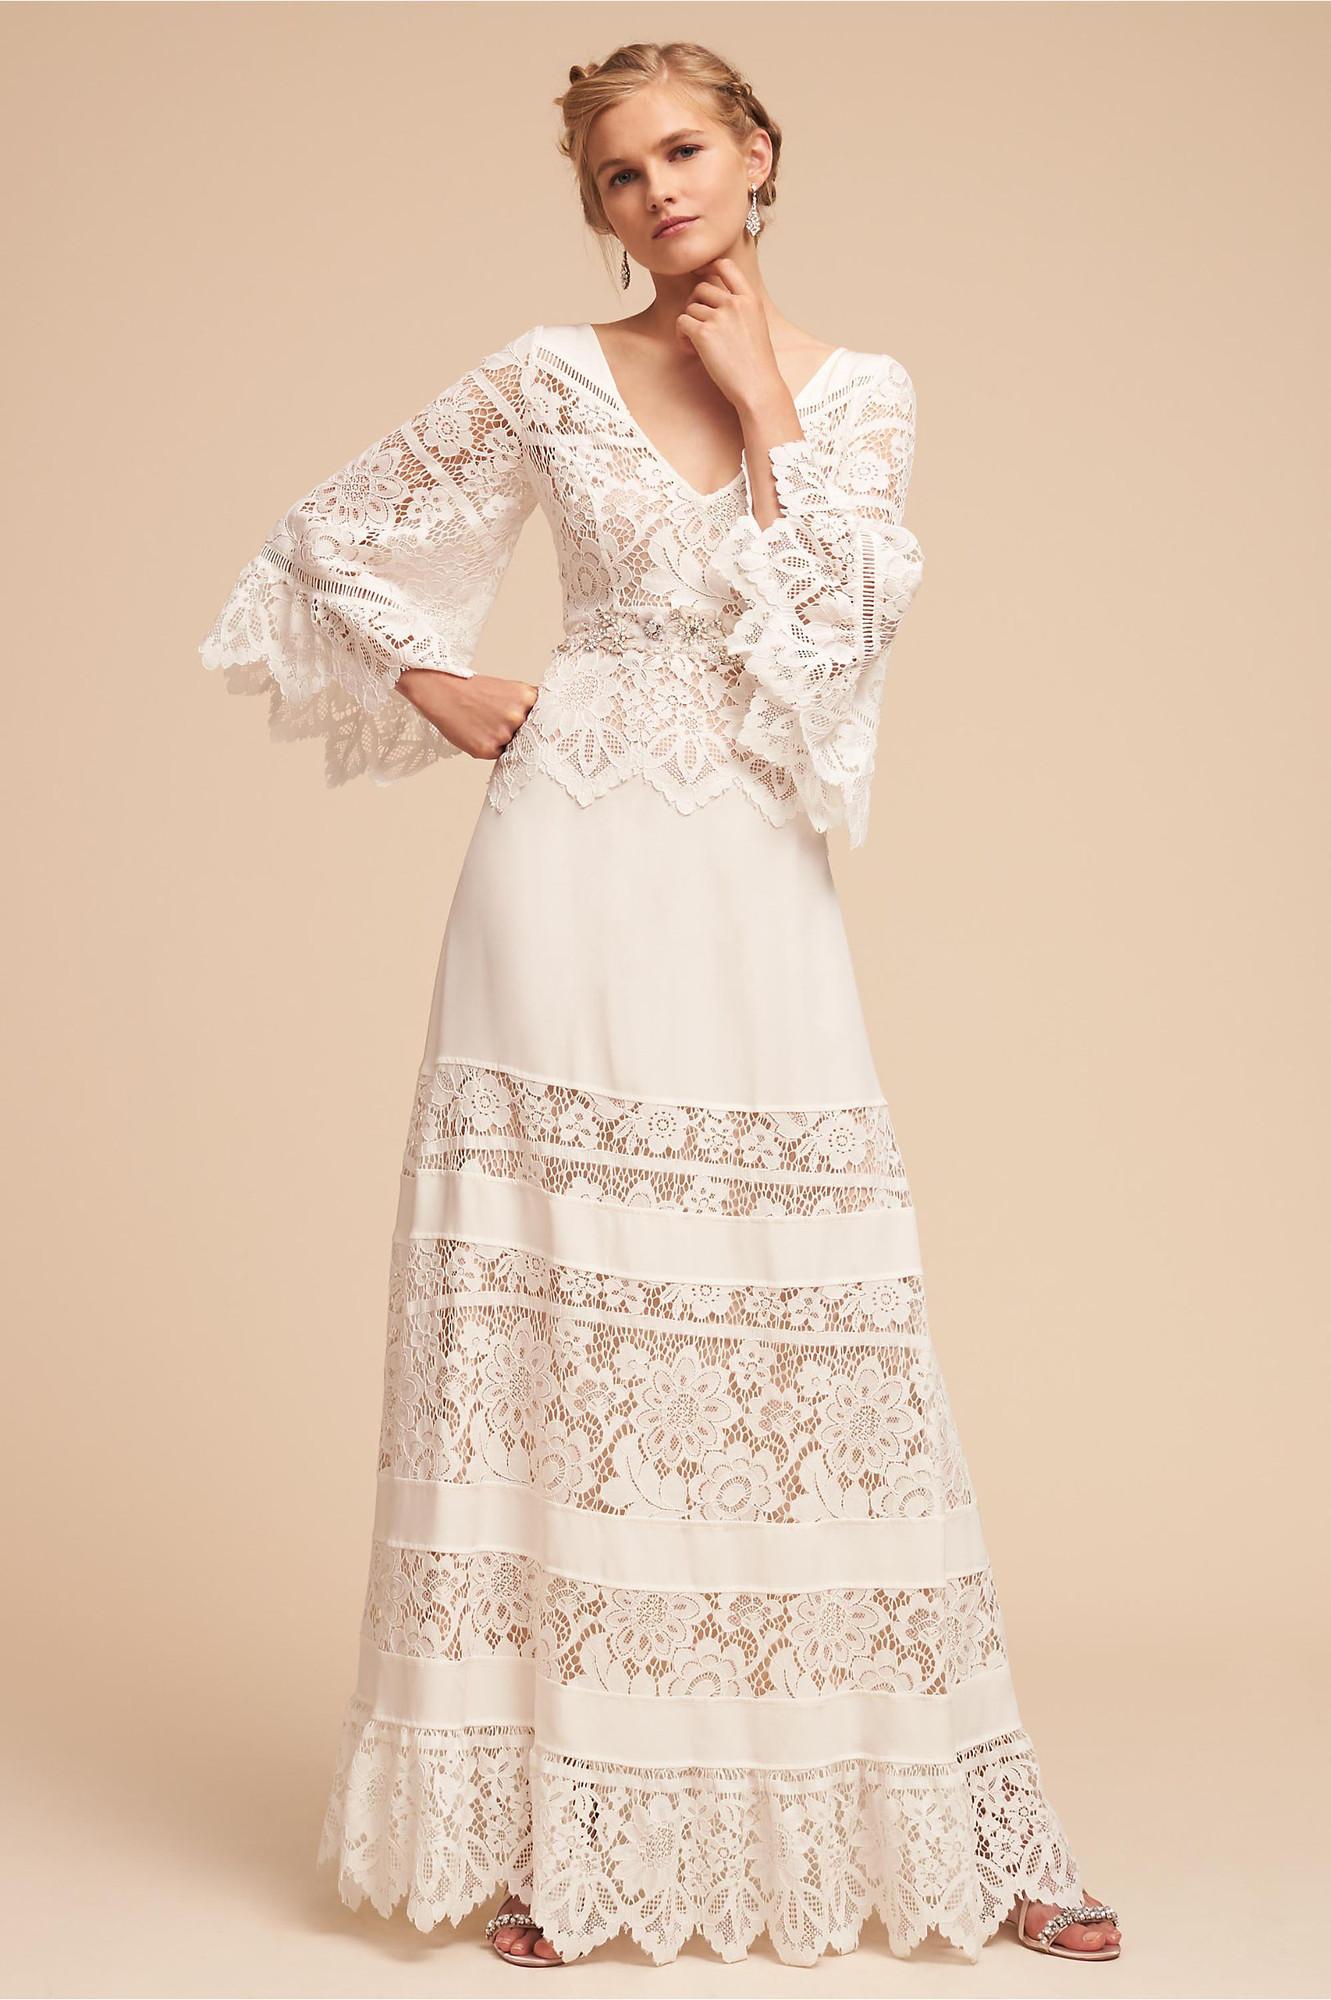 BHLDN Wedding Dresses, BHLDN Photos